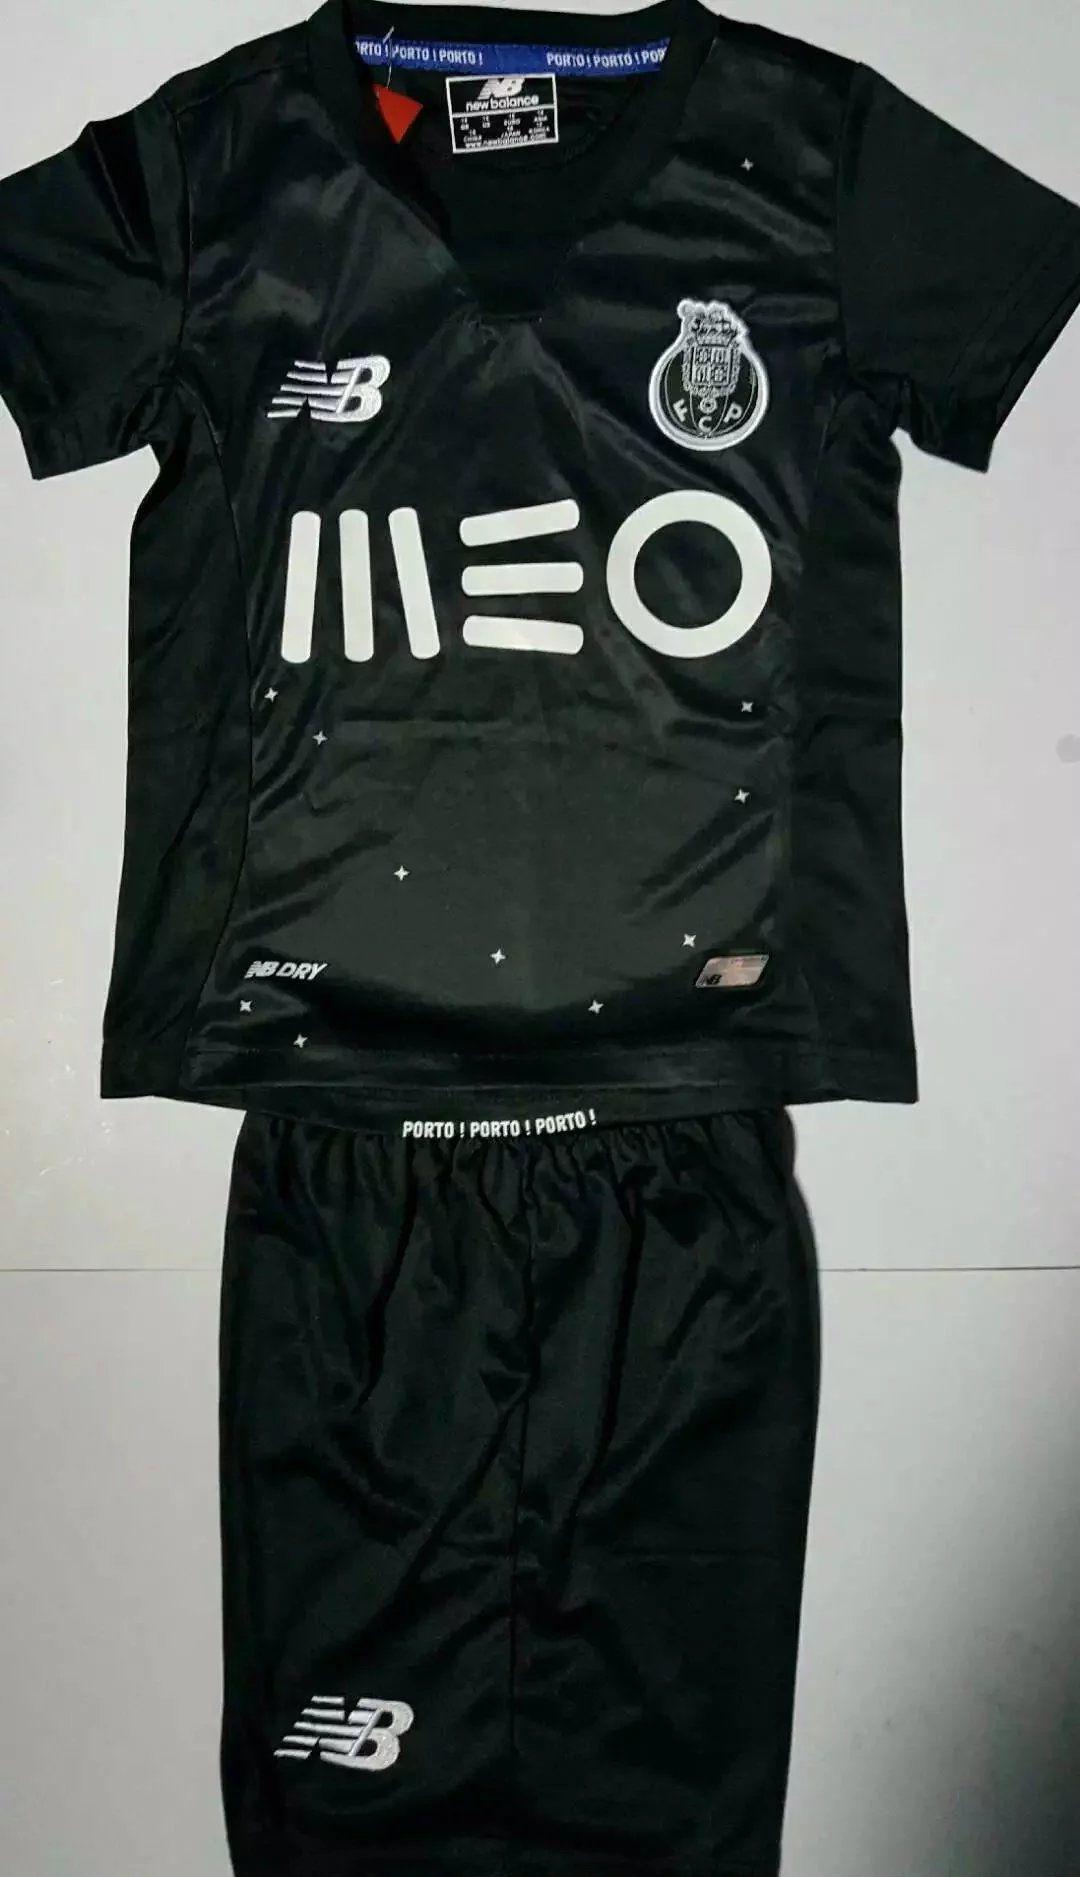 Psg black and pink jersey - Porto Black Kids Jersey